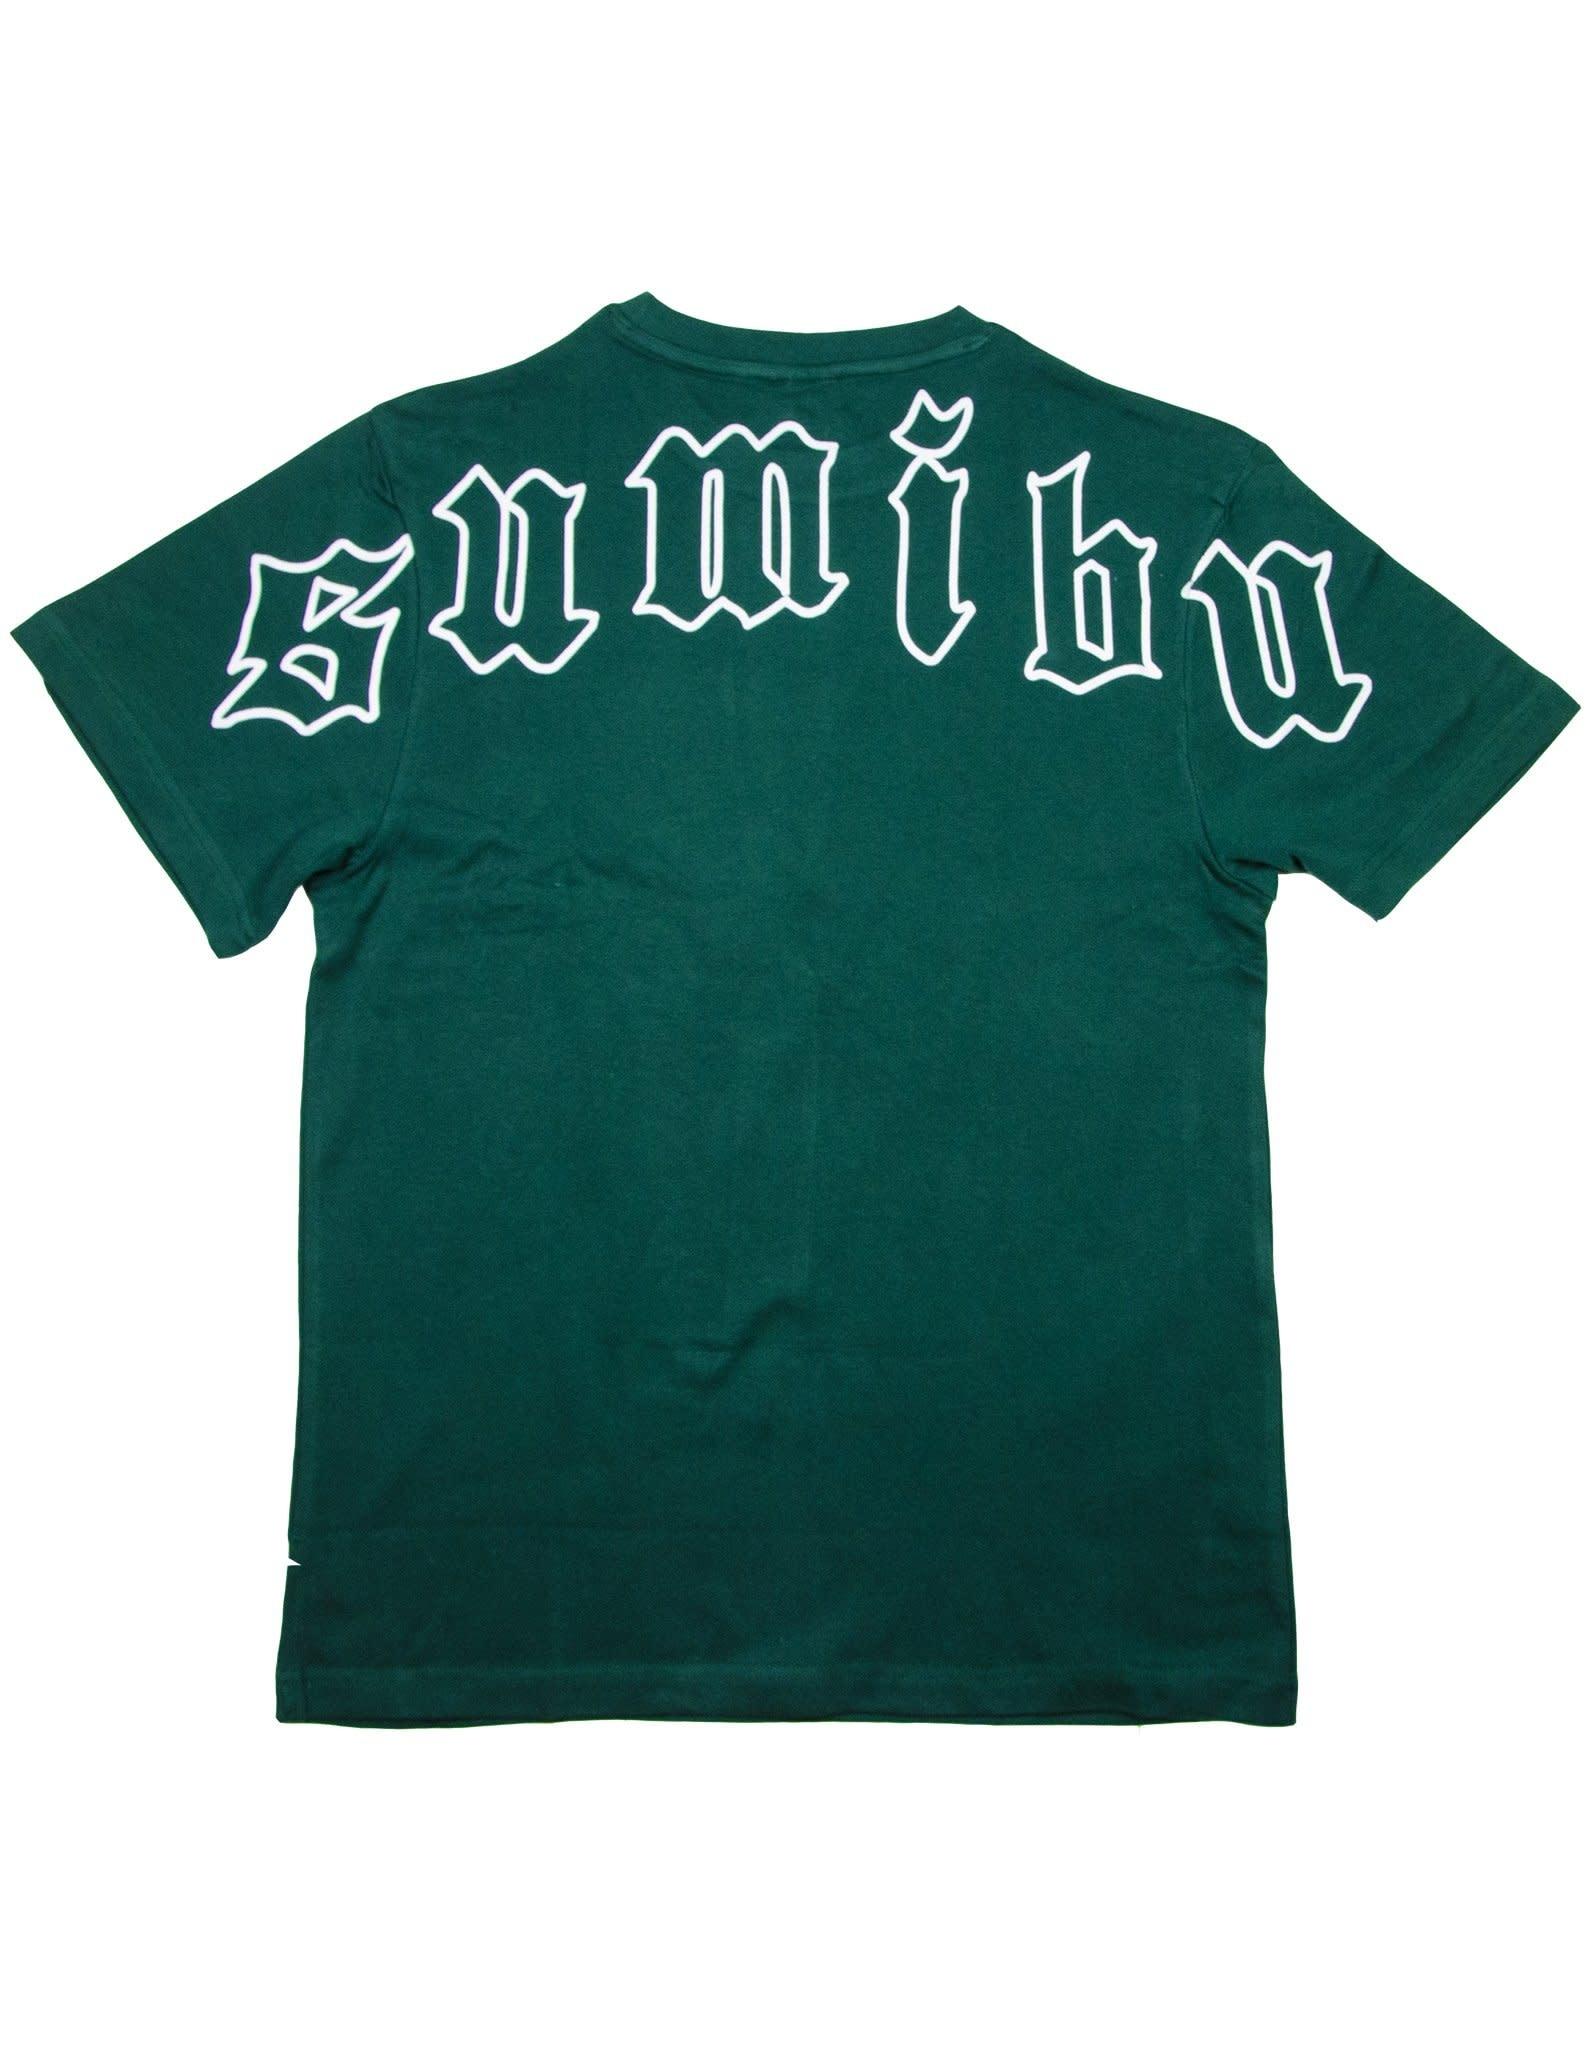 SUMIBU Green Backroll T-Shirt